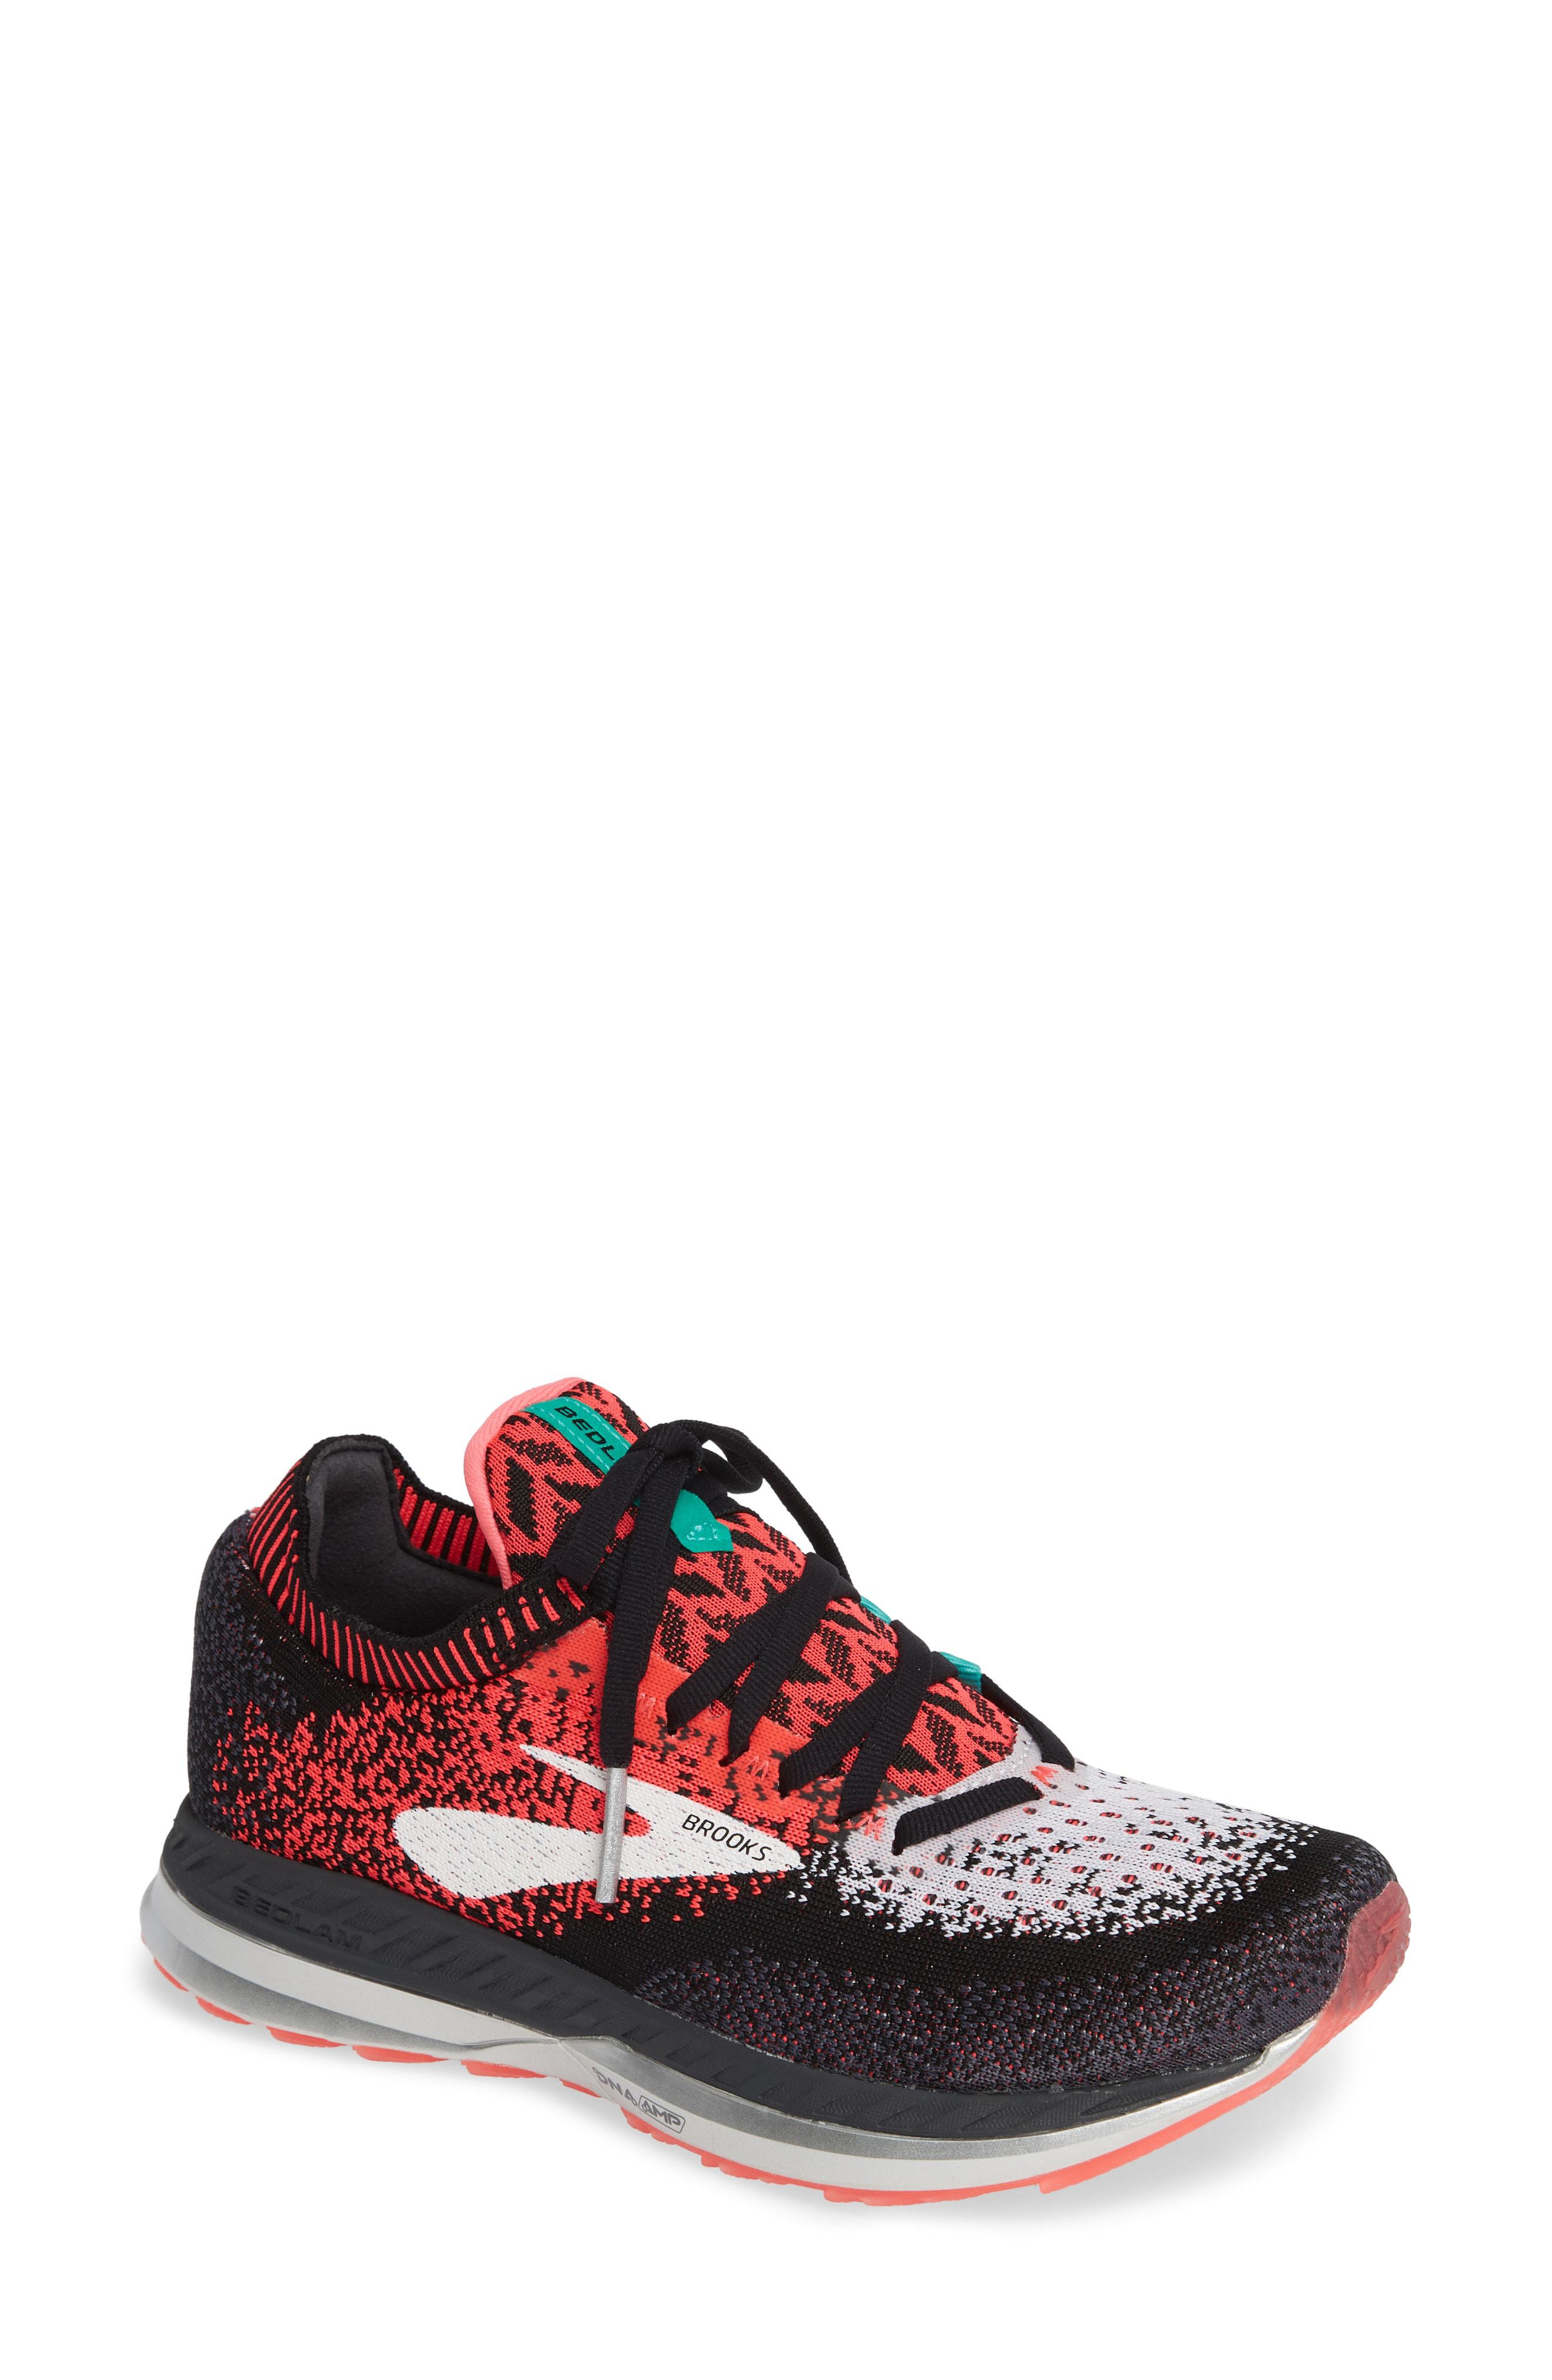 544173a5b3537 Brooks Women s Bedlam Running Shoes